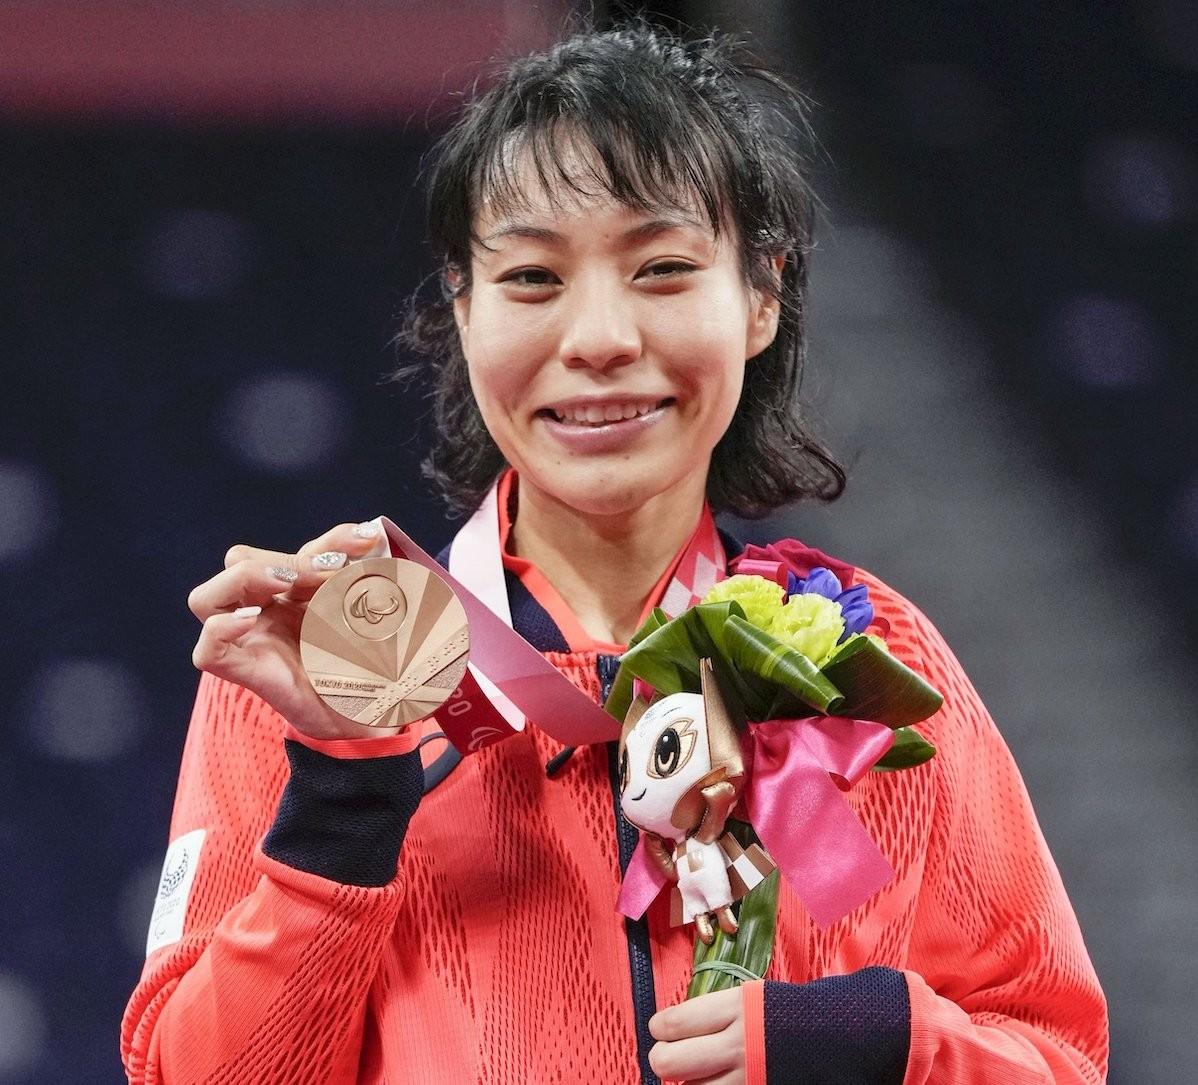 パラ初採用となったバドミントンで銅メダルを獲得した杉野